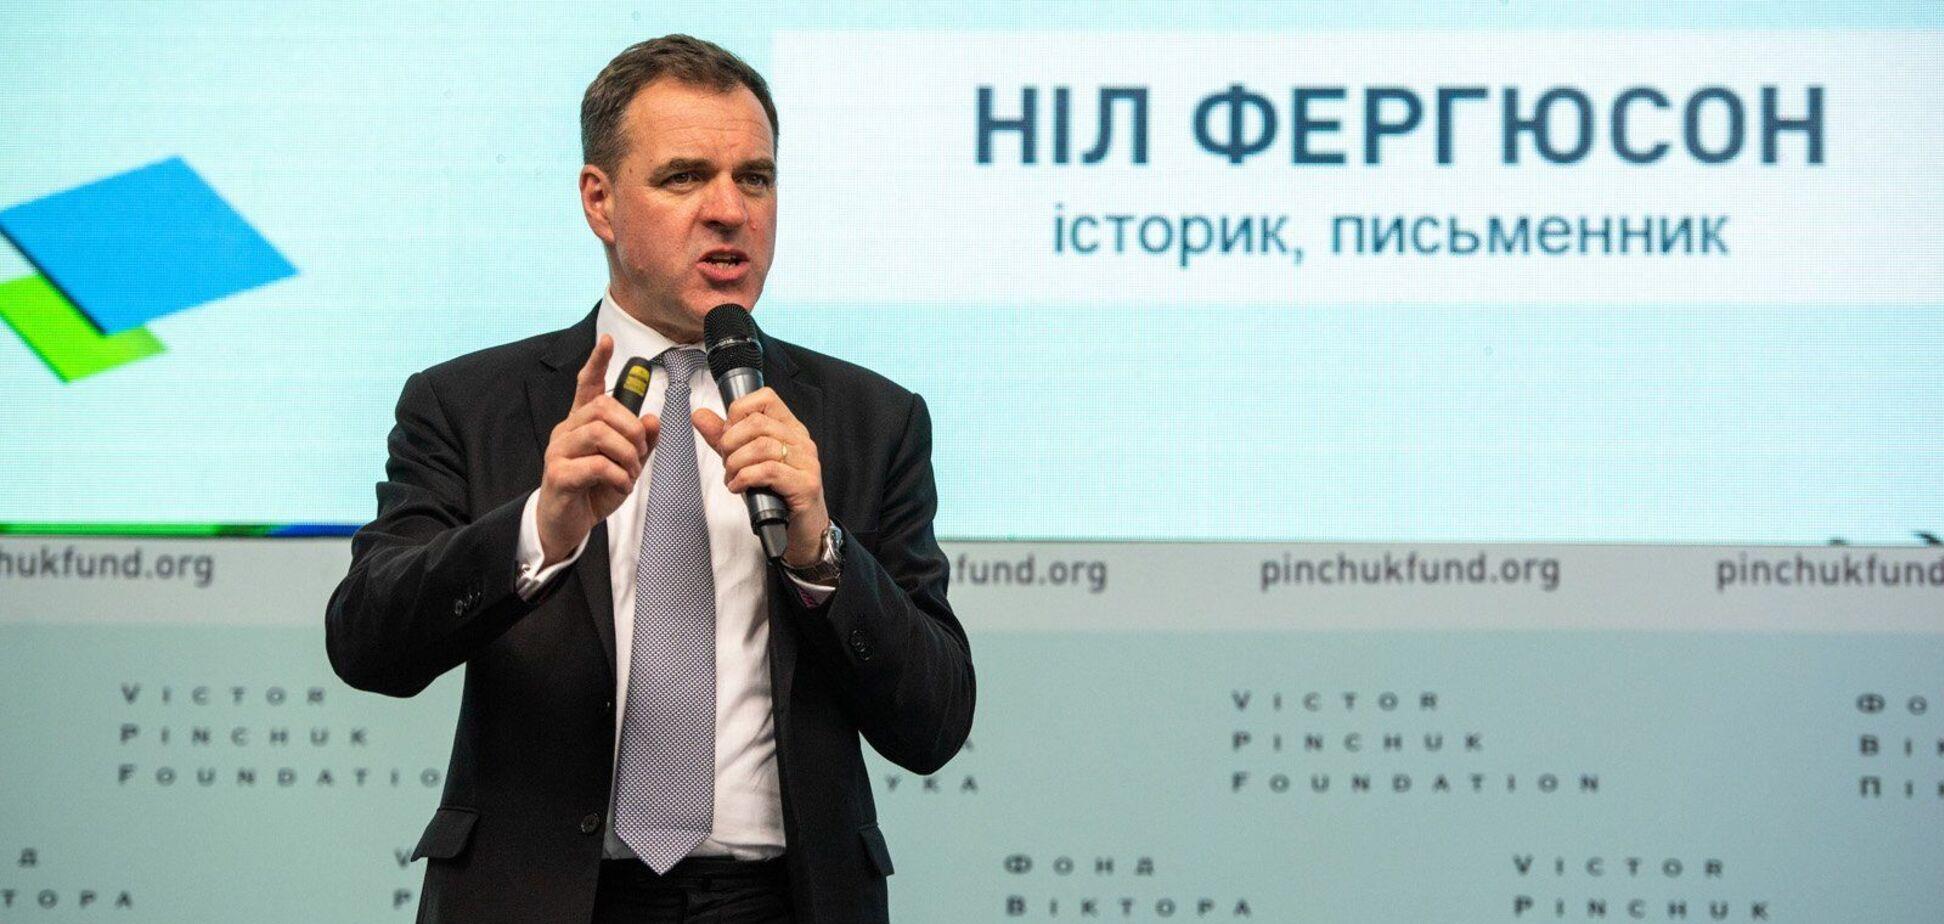 Британский профессор сравнил законопроект об олигархах в Украине с 'раскуркуливанием'